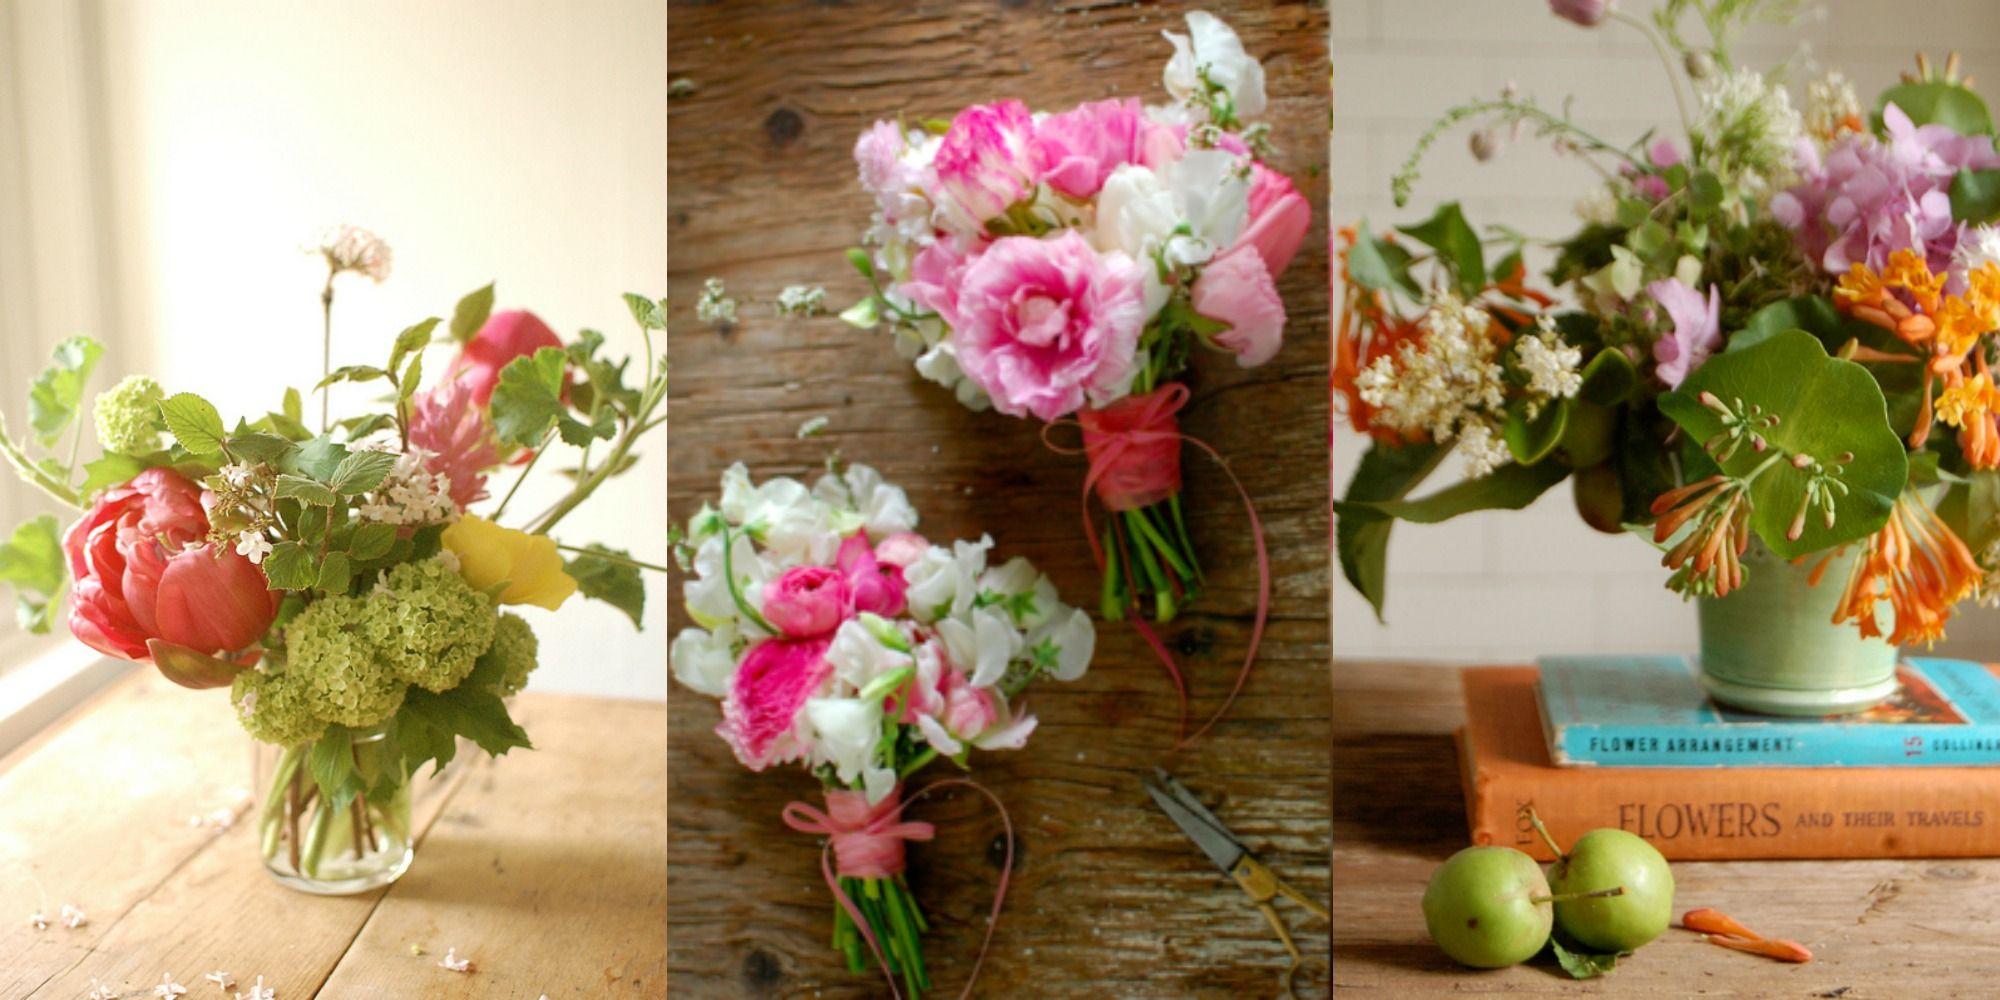 Floral arrangement classes online